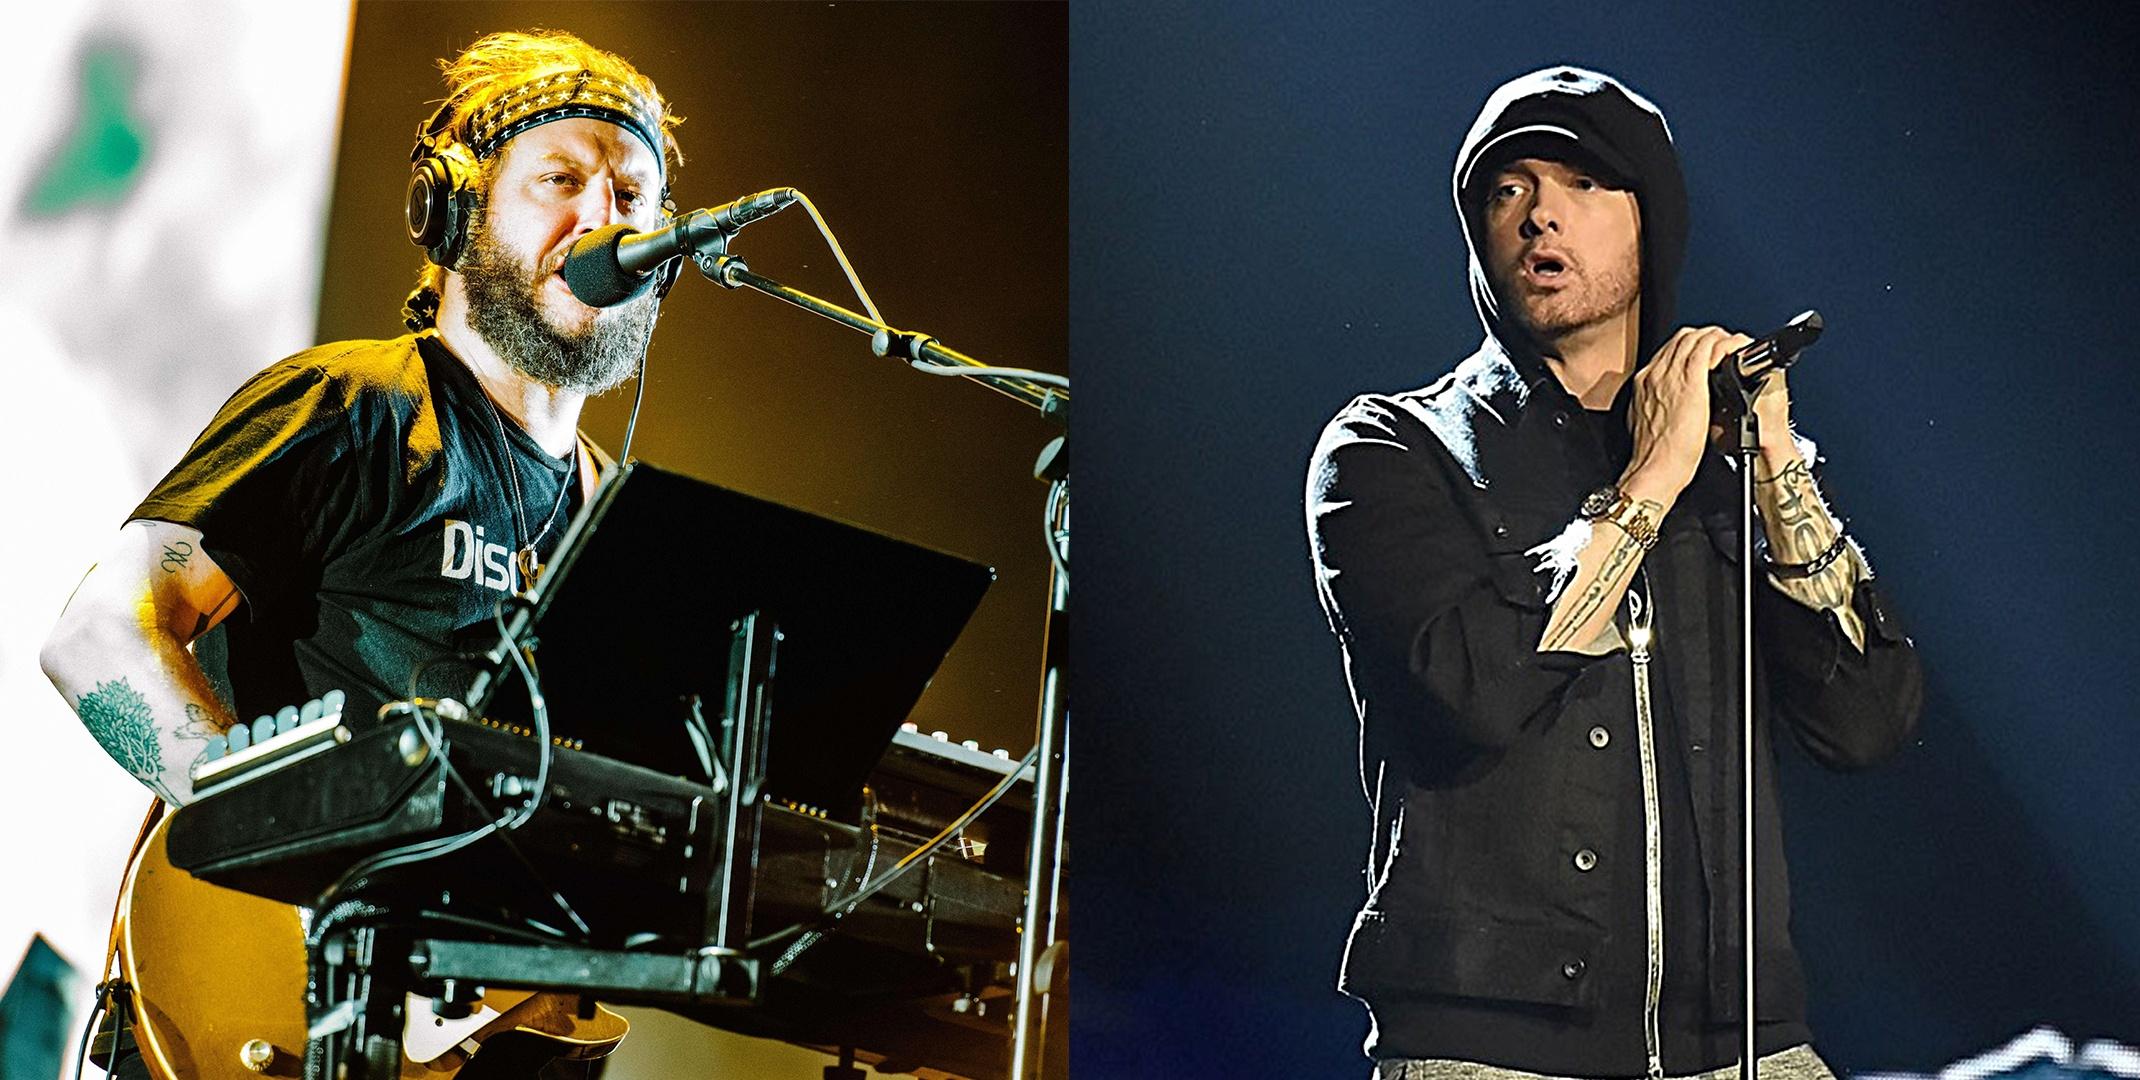 Eminem-Bon-Iver-Justin-Vernon-Diss